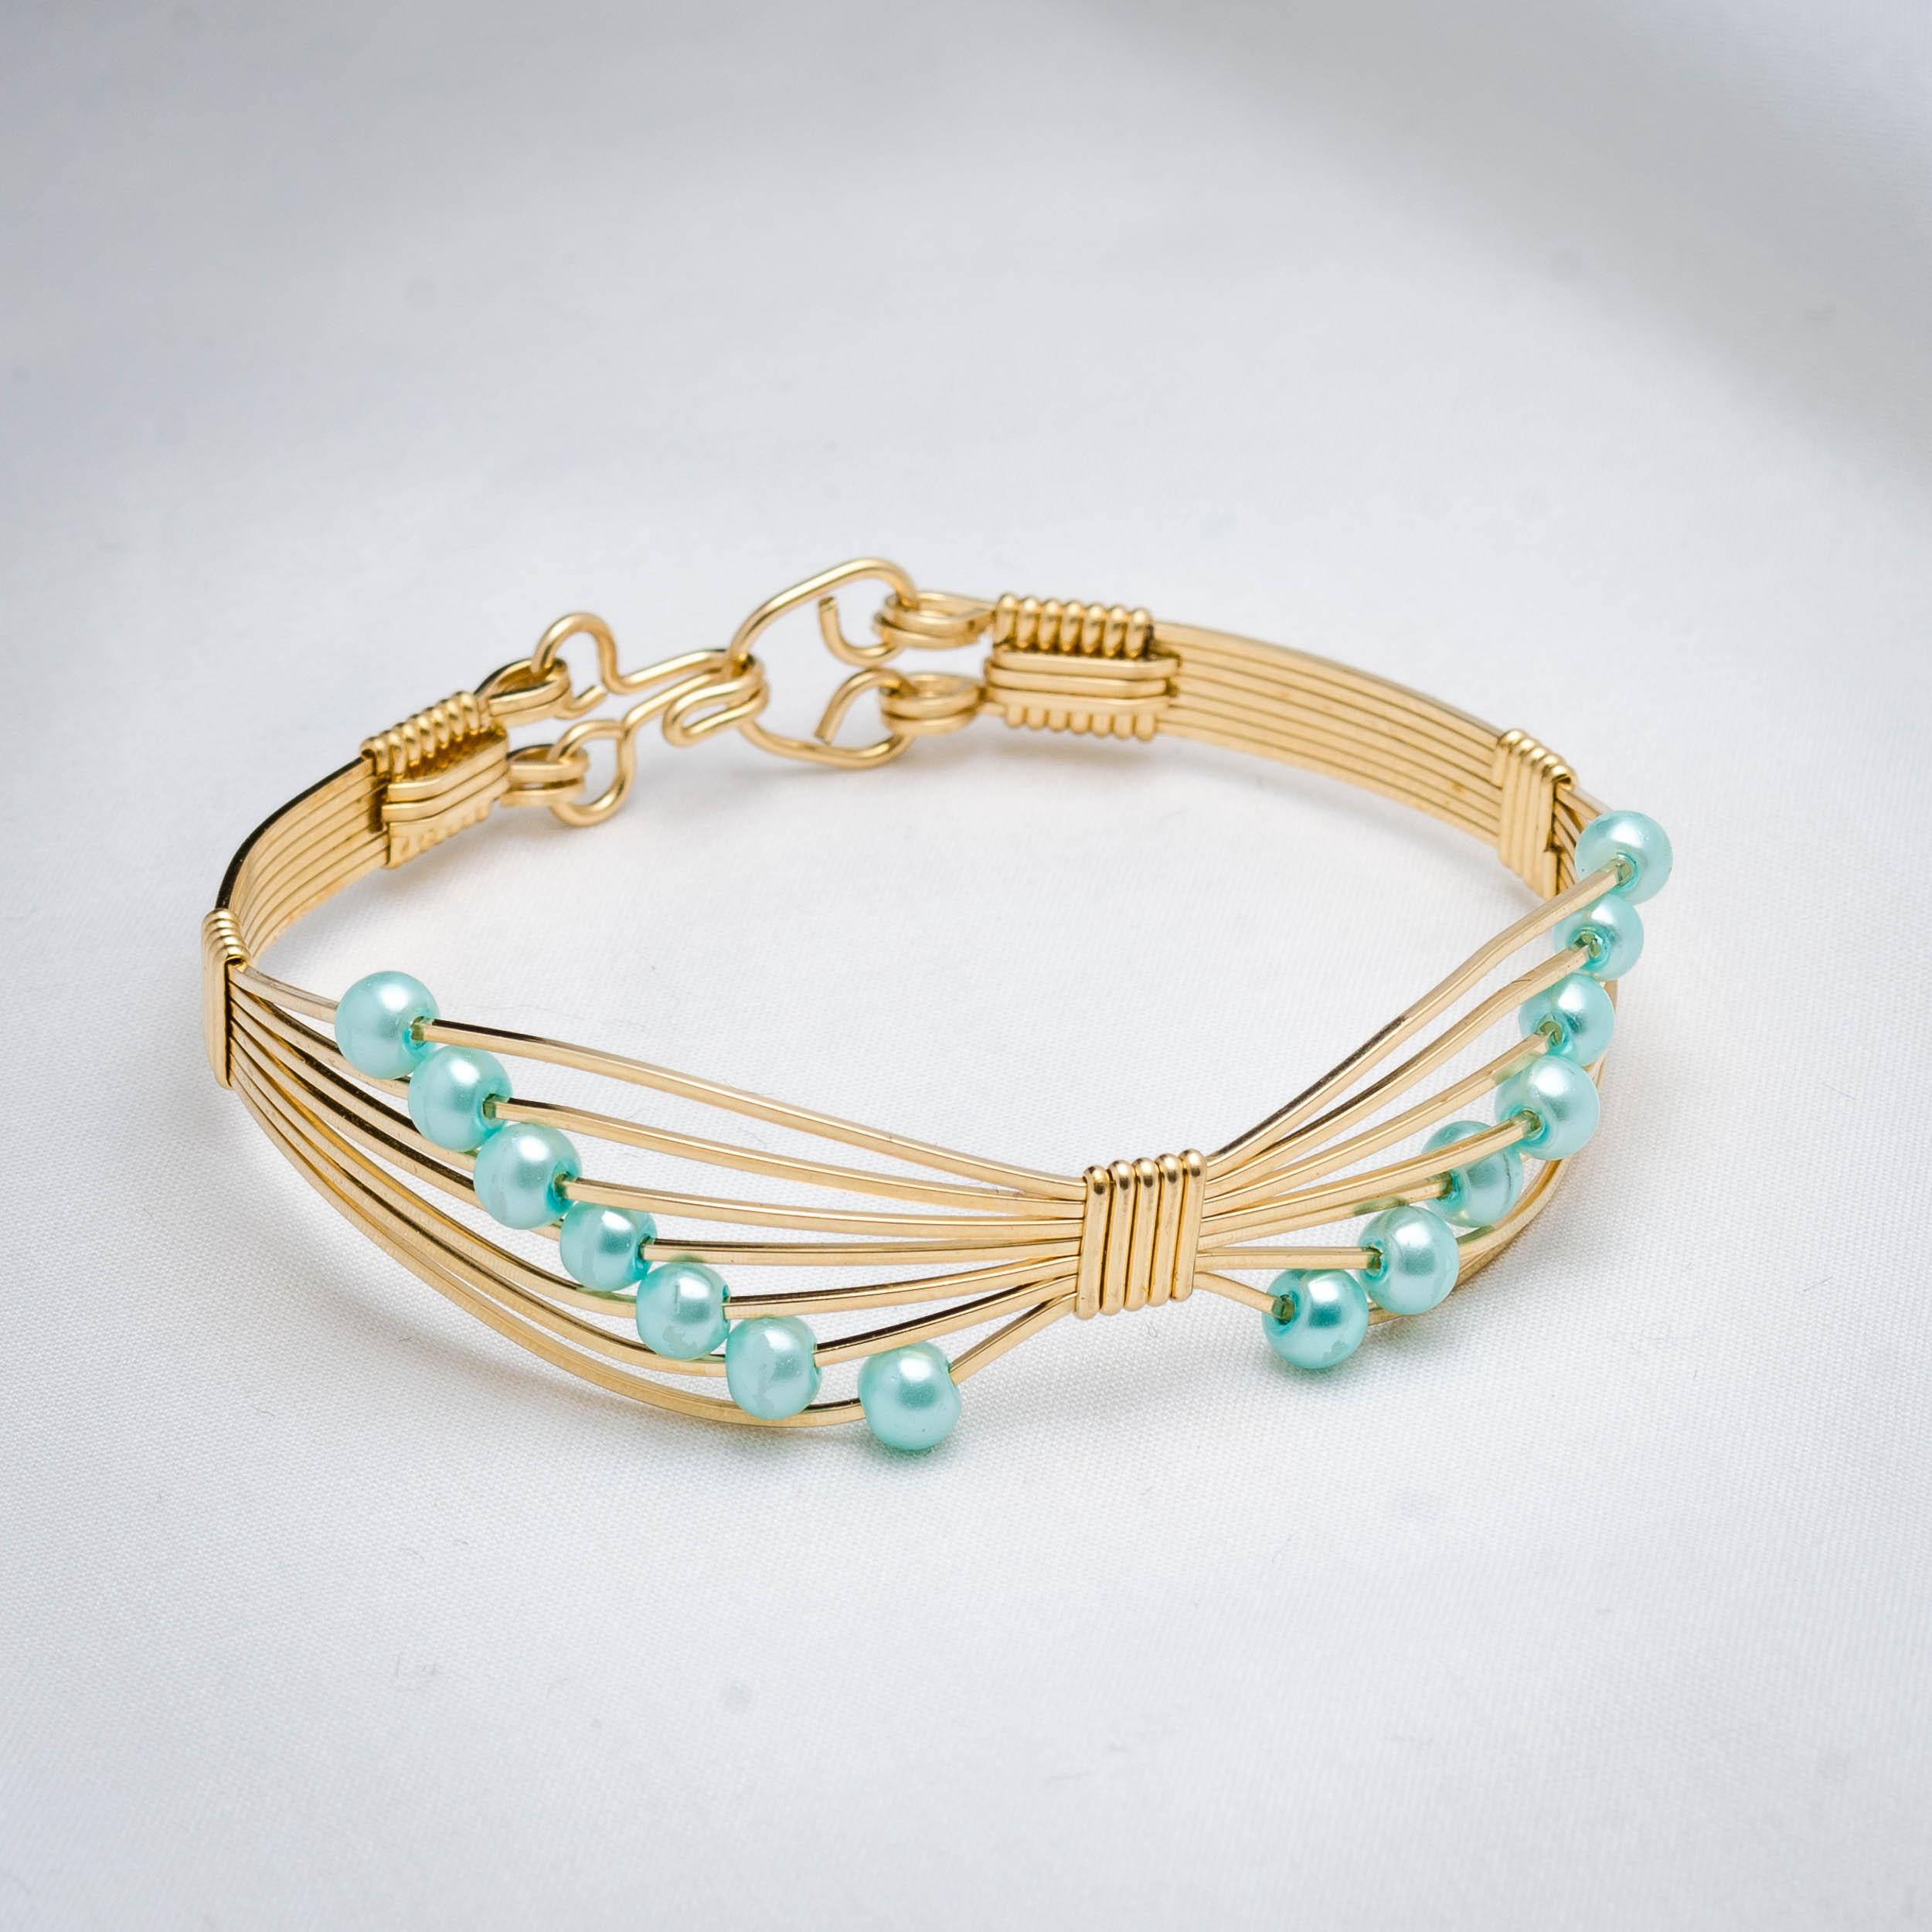 Bracelet_105.JPG